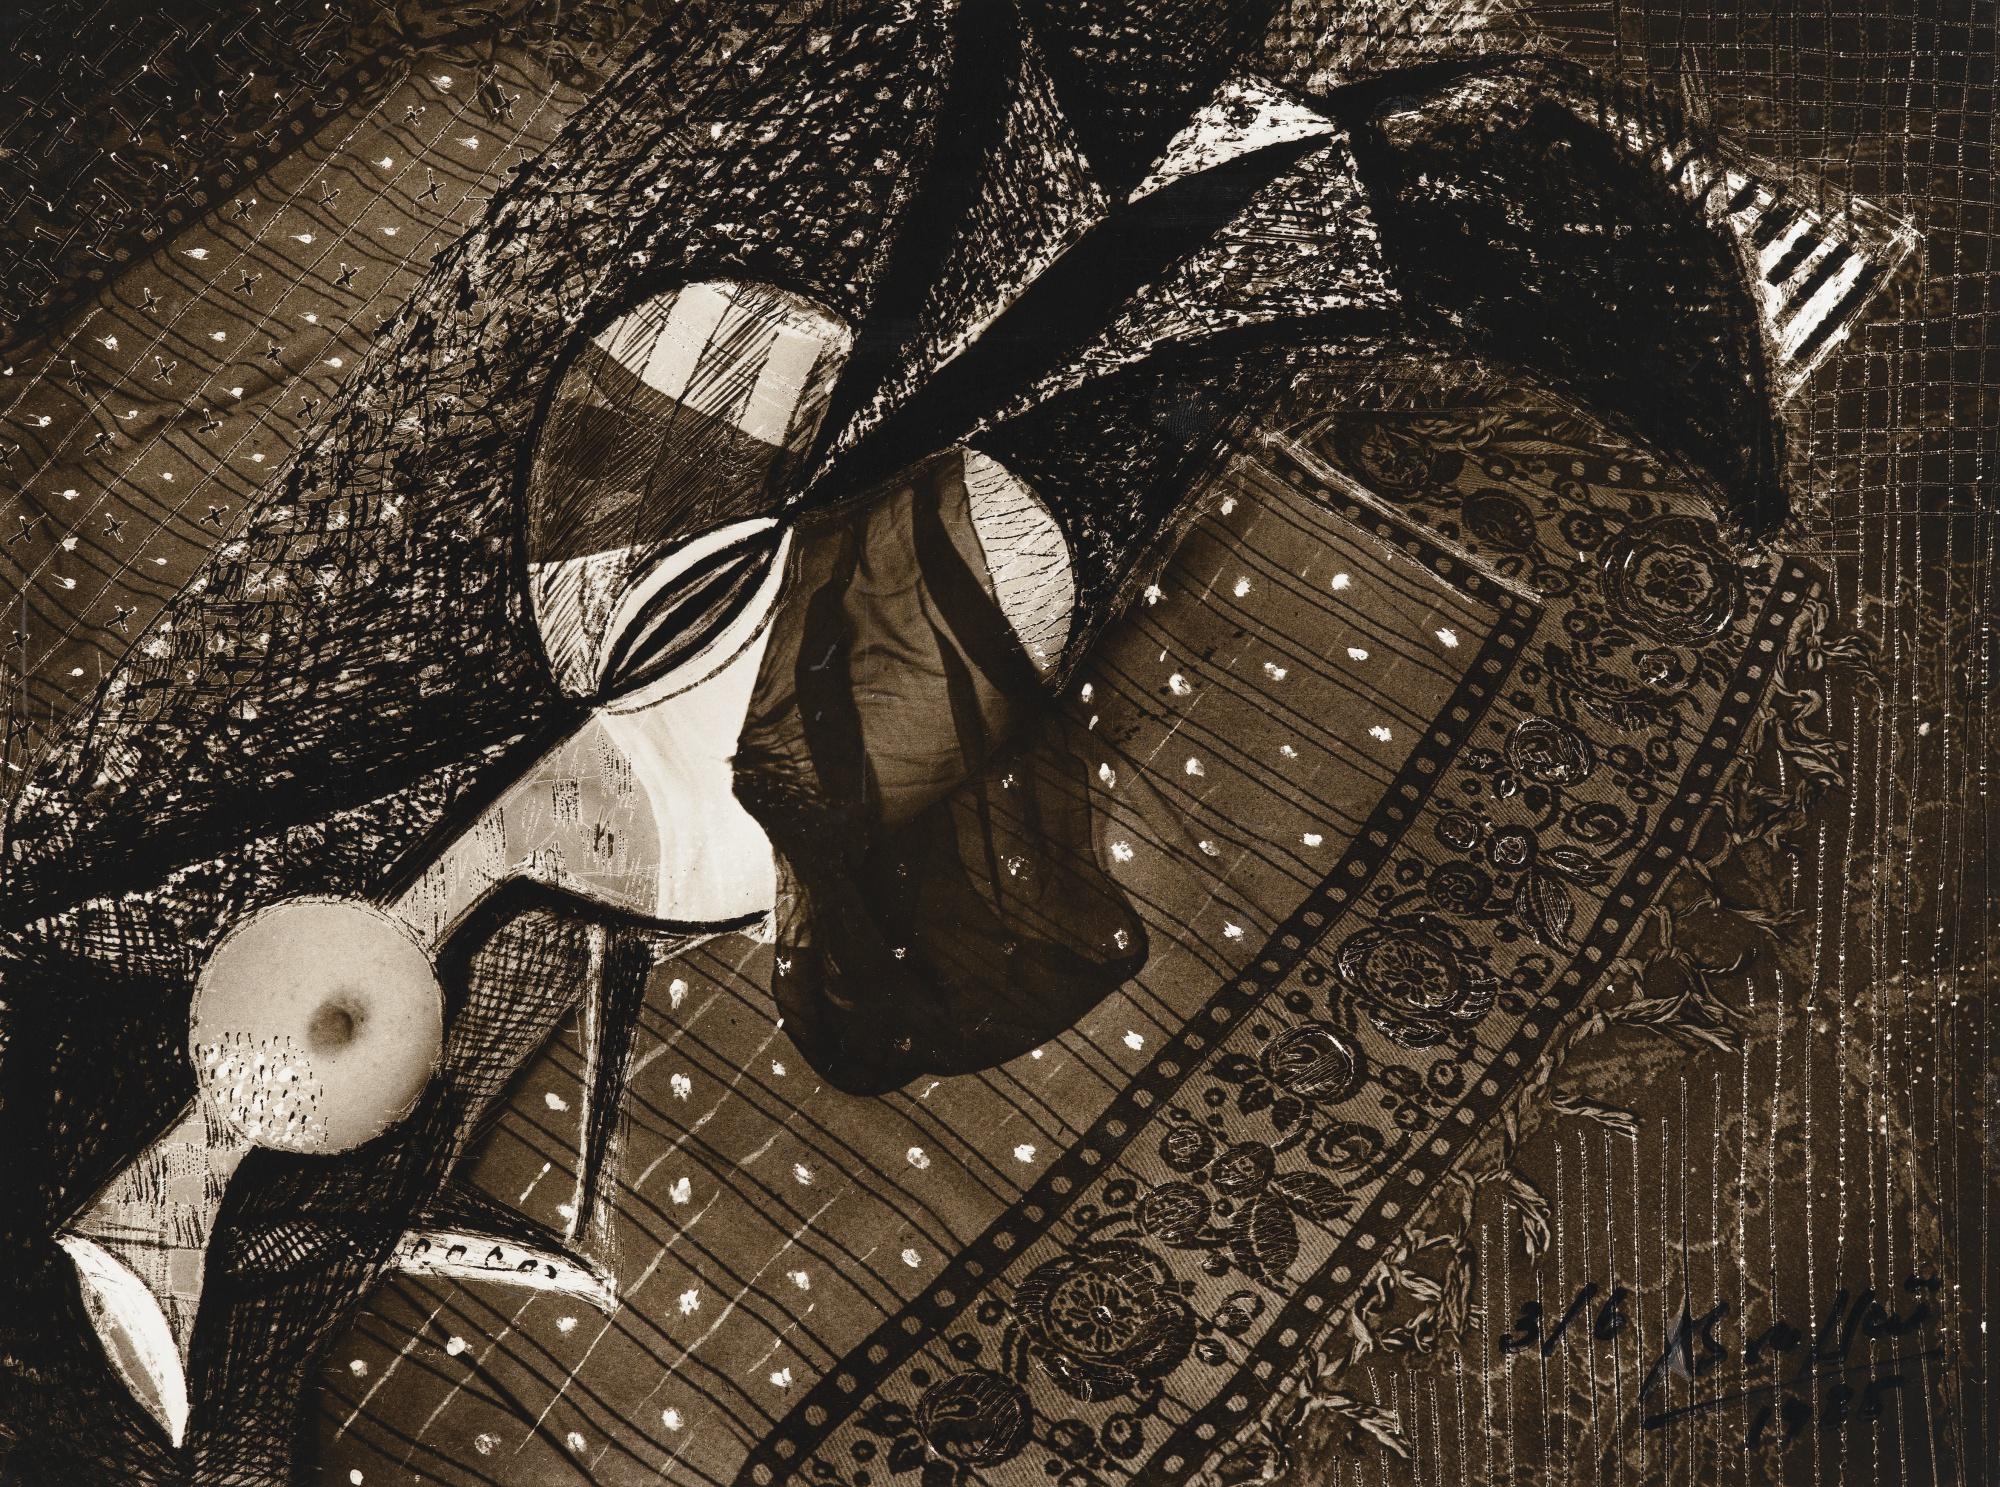 Brassai-Femme Aux Voiles Paris-1935